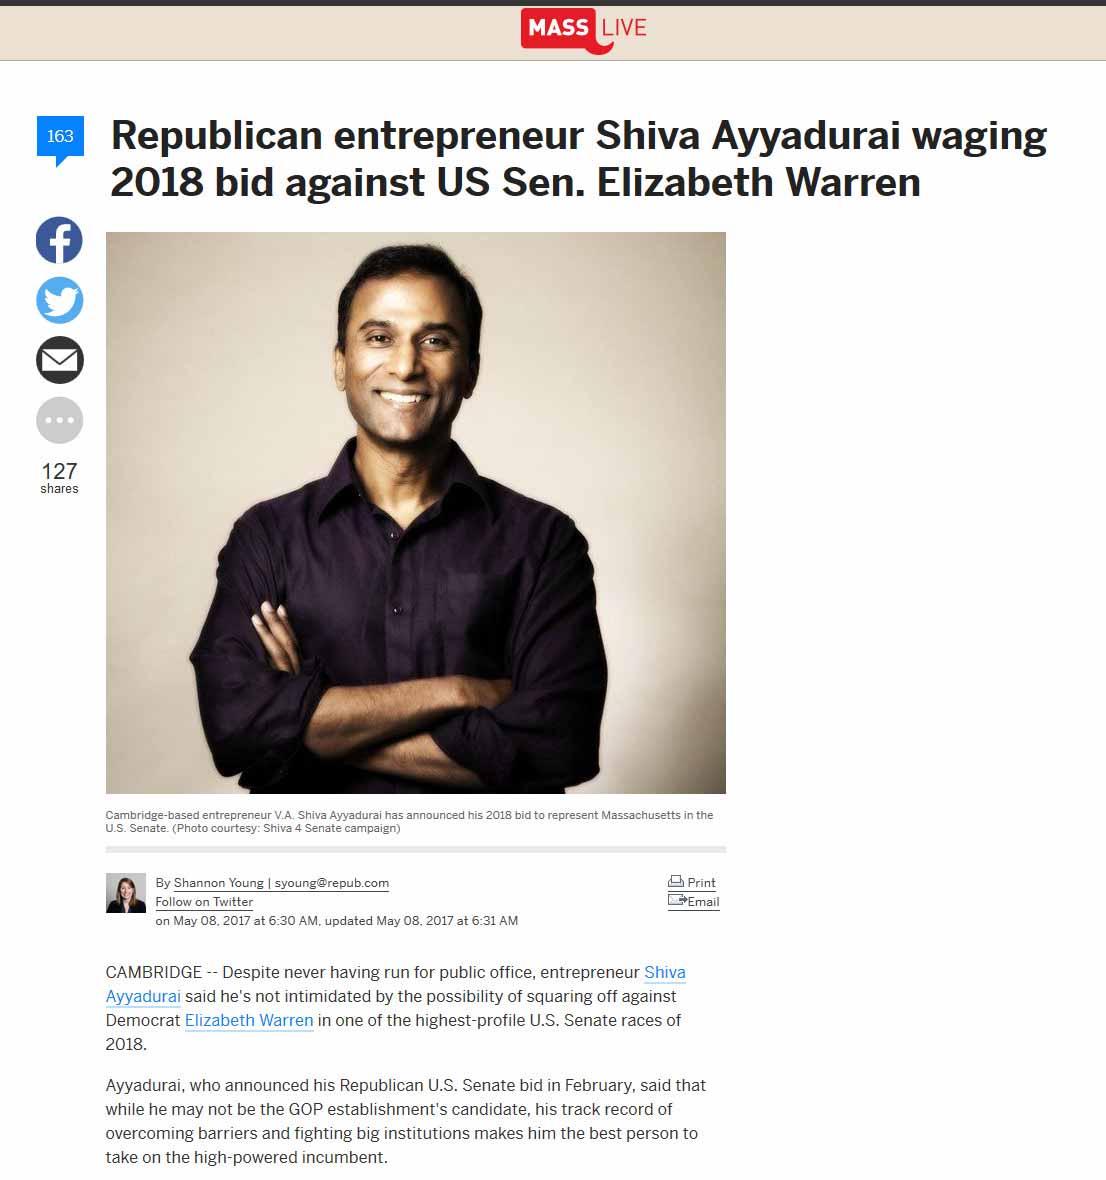 Republican Entrepreneur Shiva Ayyadurai Waging 2018 Bid Against US Sen. Elizabeth Warren